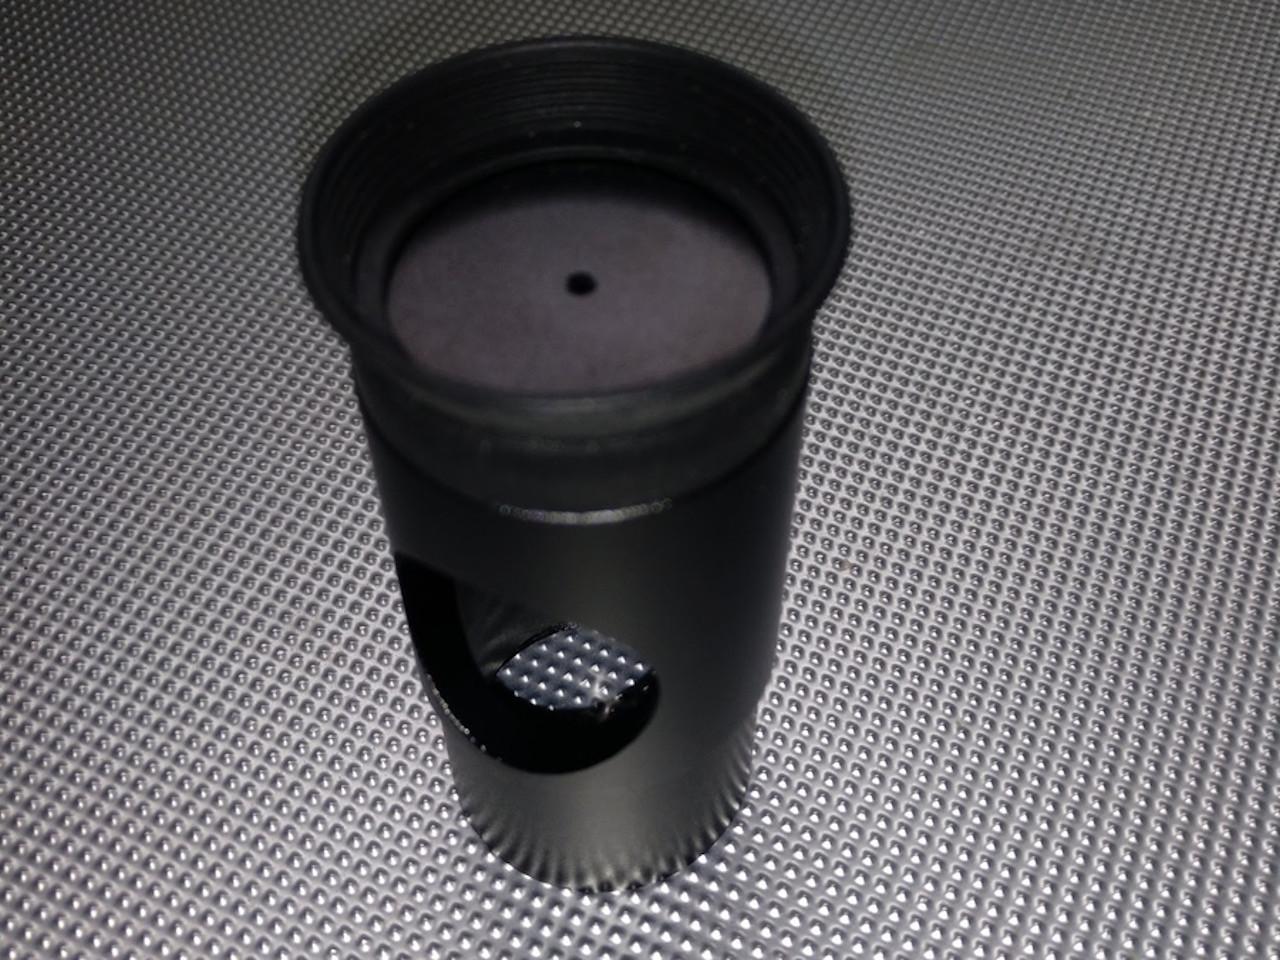 """Ocular de <span class=""""glossaryterm"""" title=""""Proceso para alinear un dispositivo óptico de manera que quede completamente paralelo a otro, a un eje de rotación o a uno o varios elementos ópticos de un mismo dispositivo."""">colimación</span> Cheshire"""